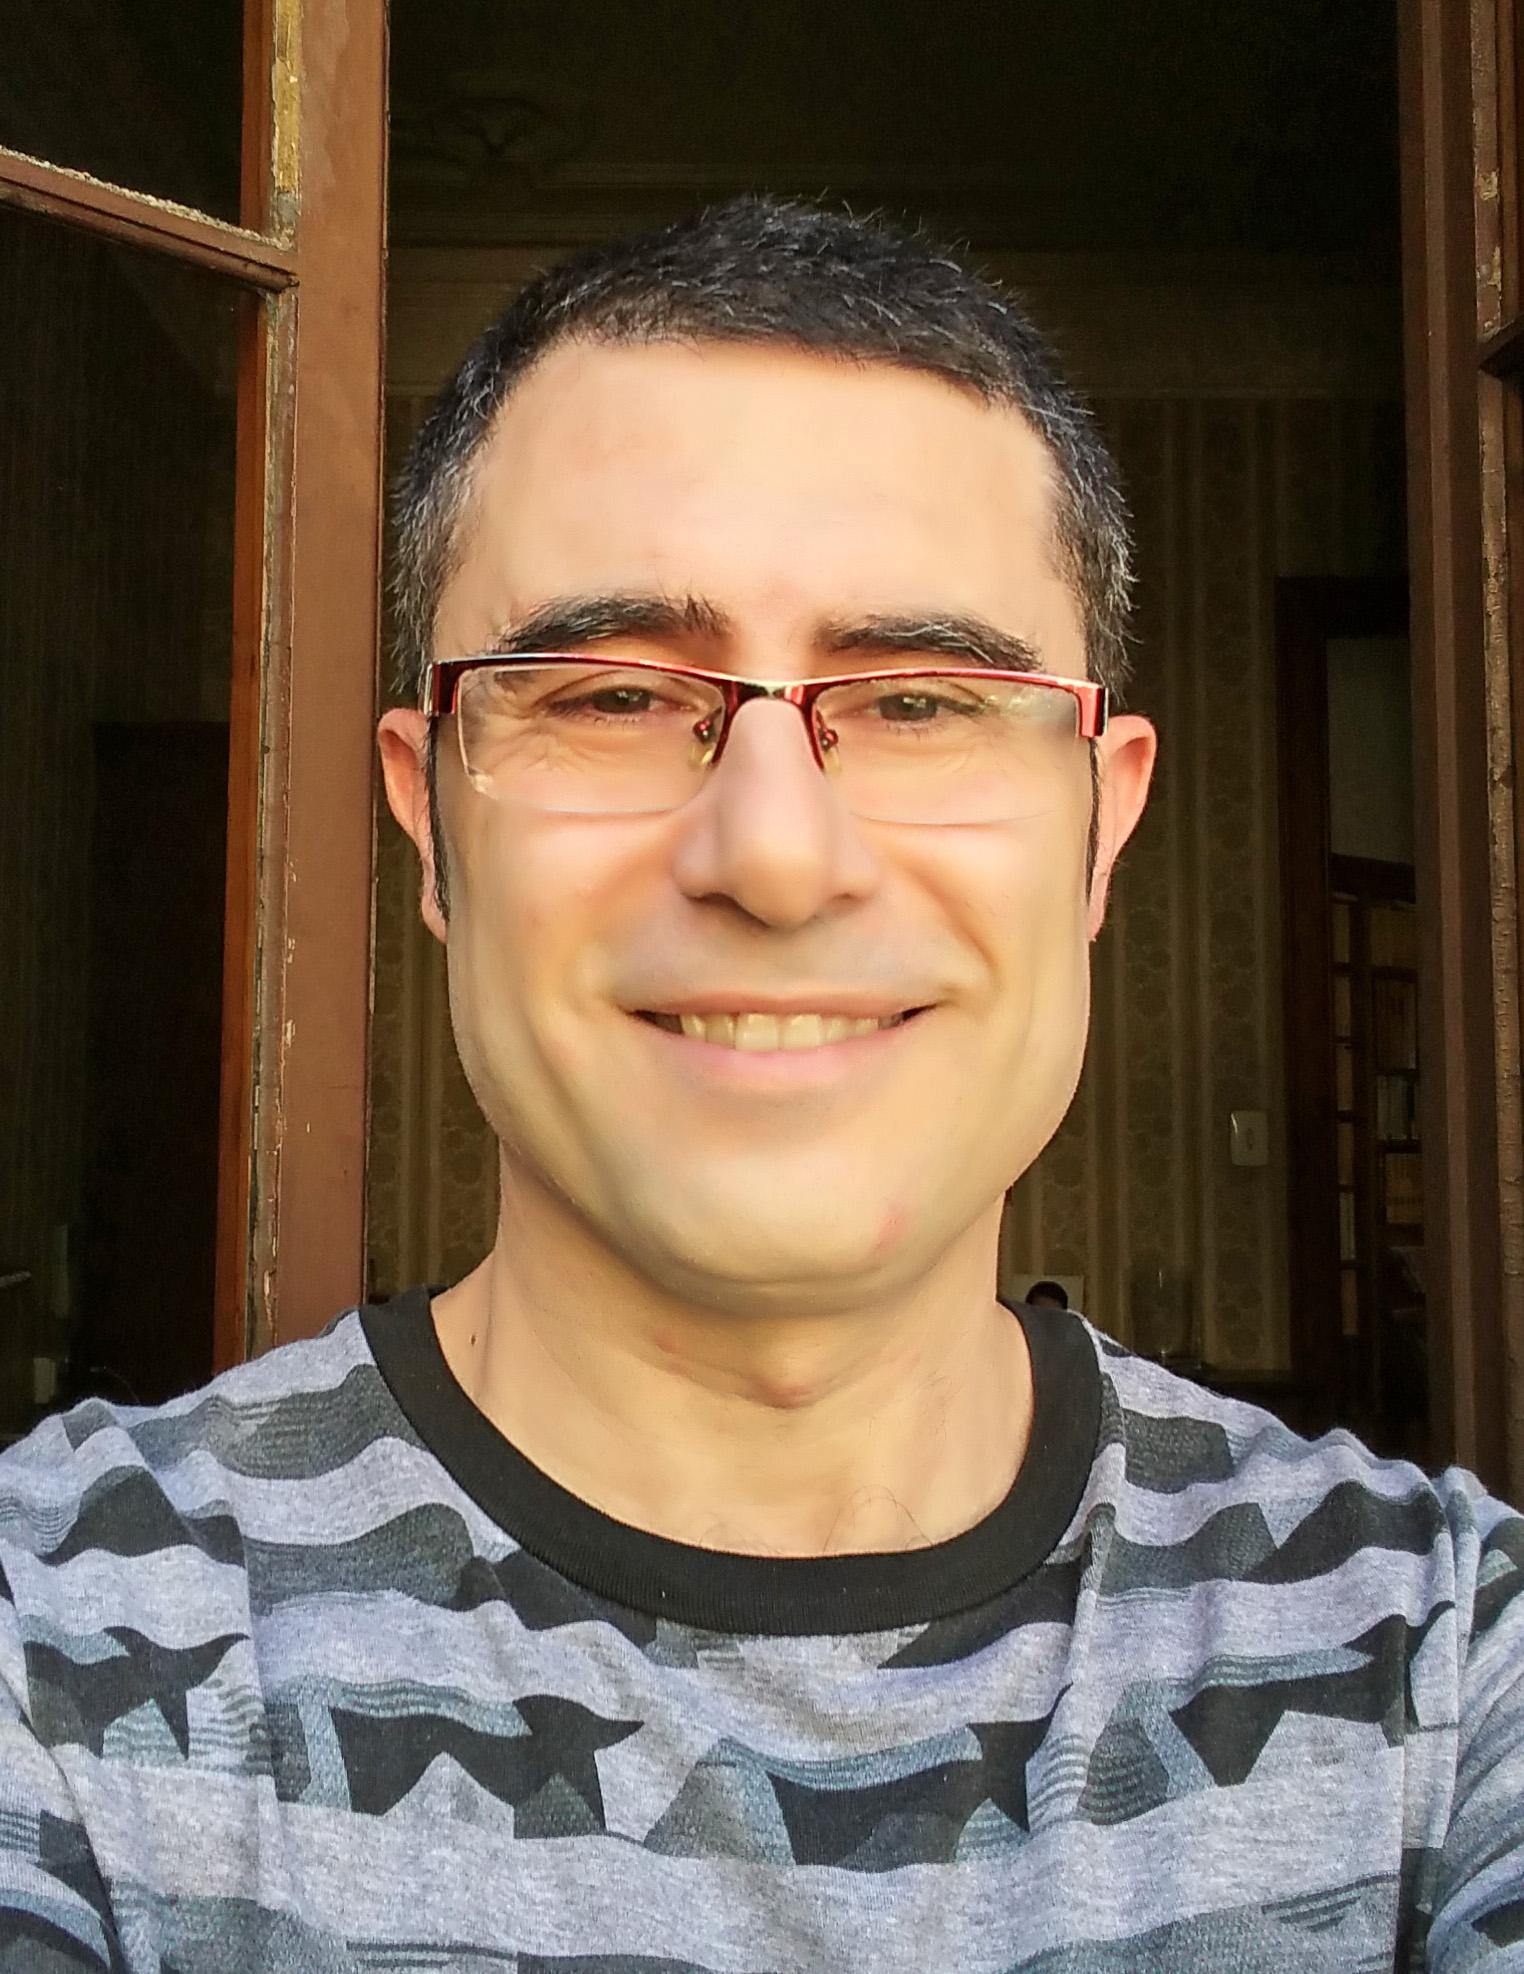 Tomàs Padrós last summer